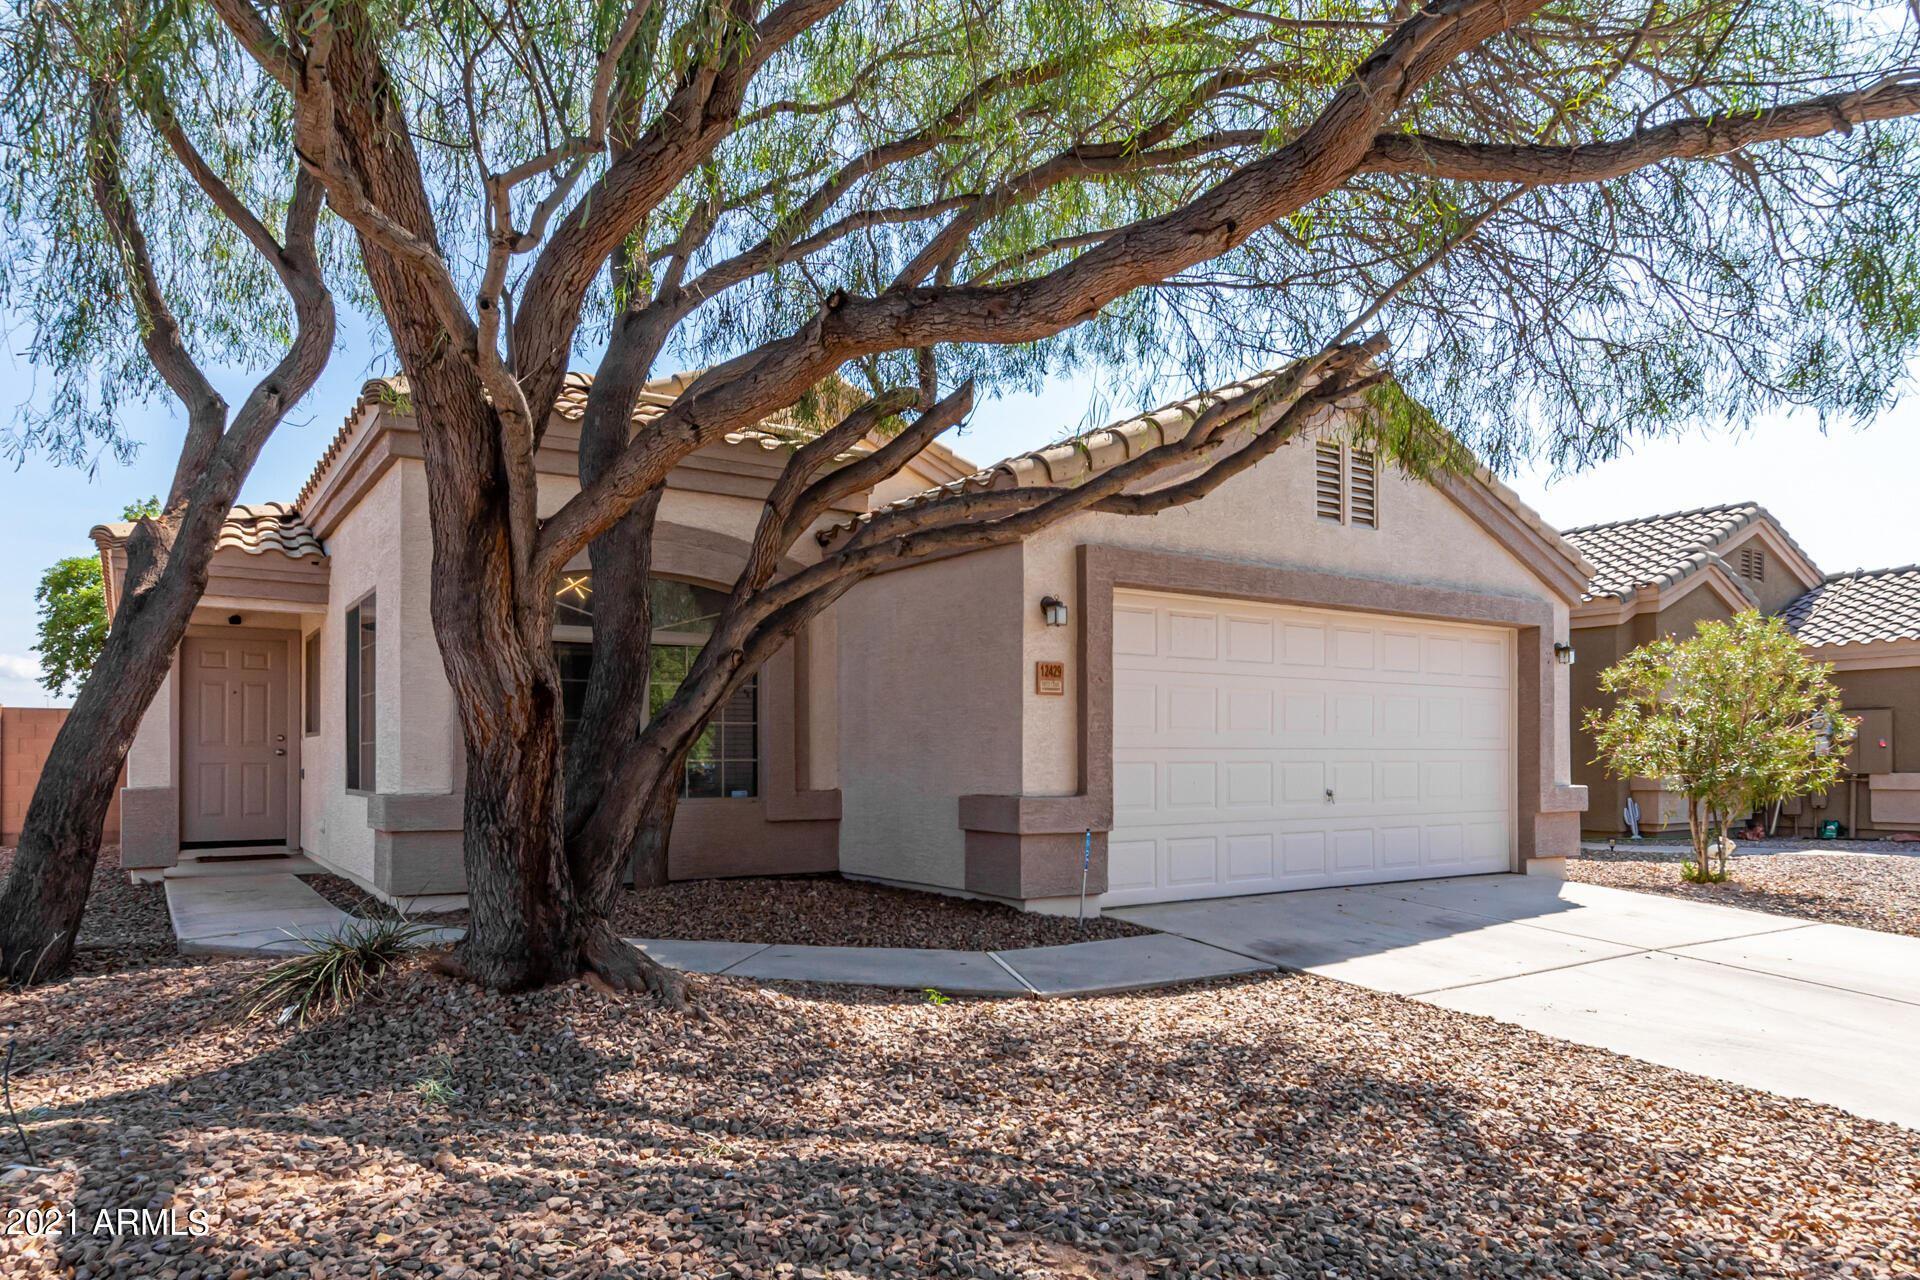 Photo of 12429 W VIA CAMILLE --, El Mirage, AZ 85335 (MLS # 6300304)